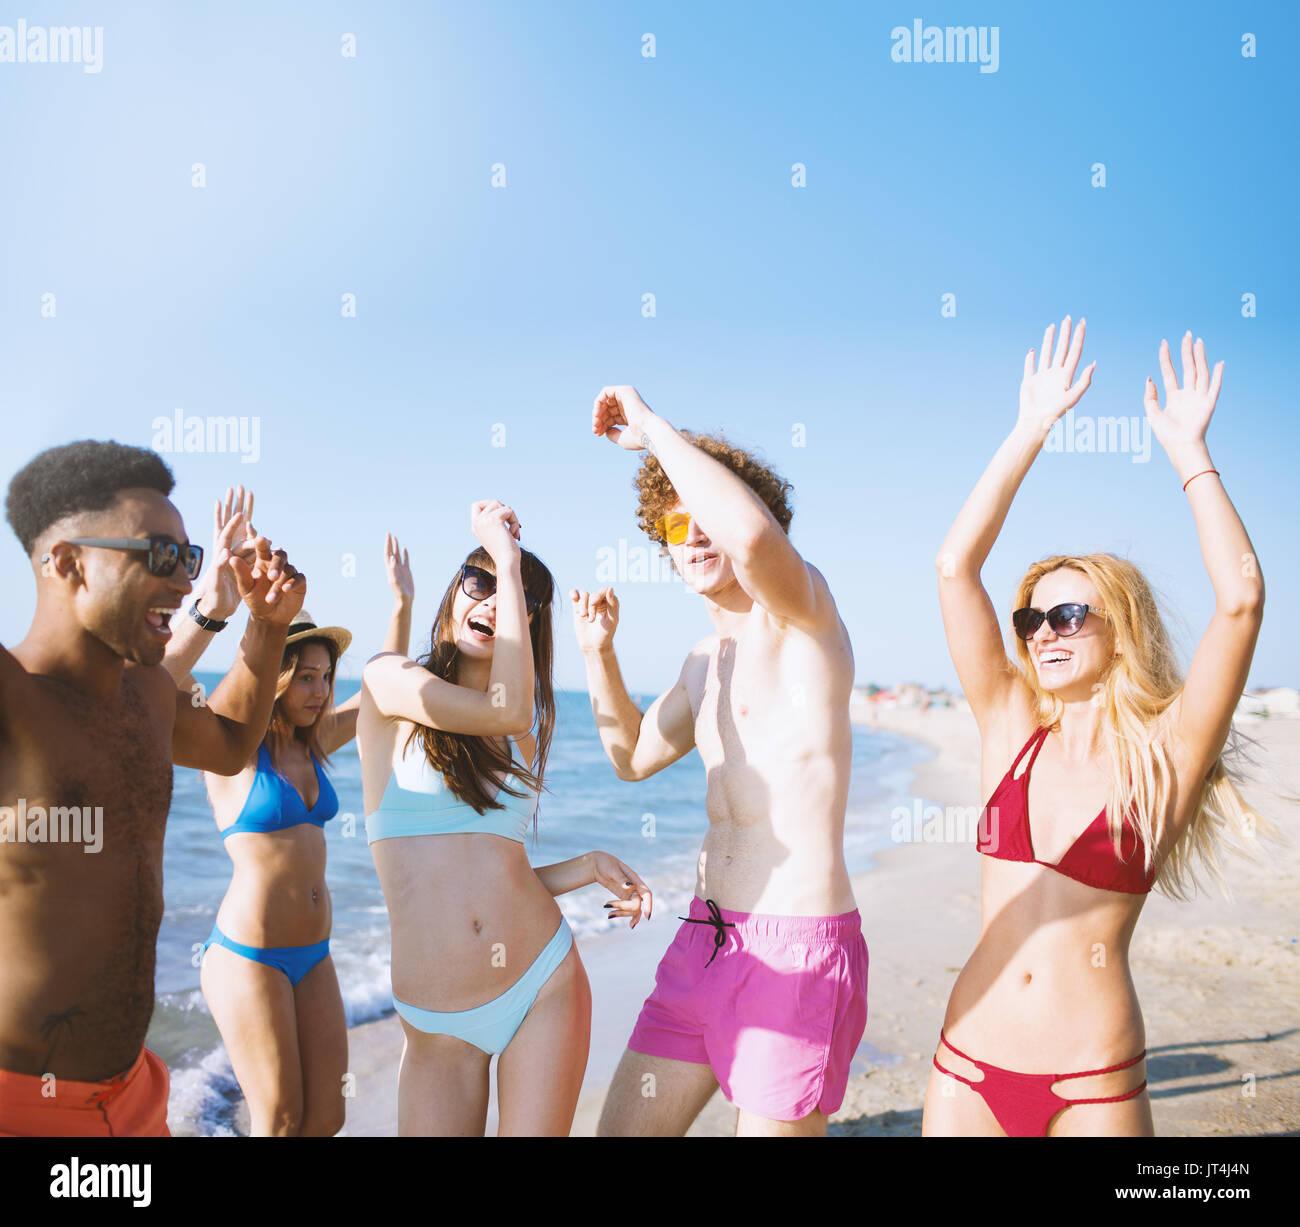 Gruppo di amici ballare sulla spiaggia Immagini Stock